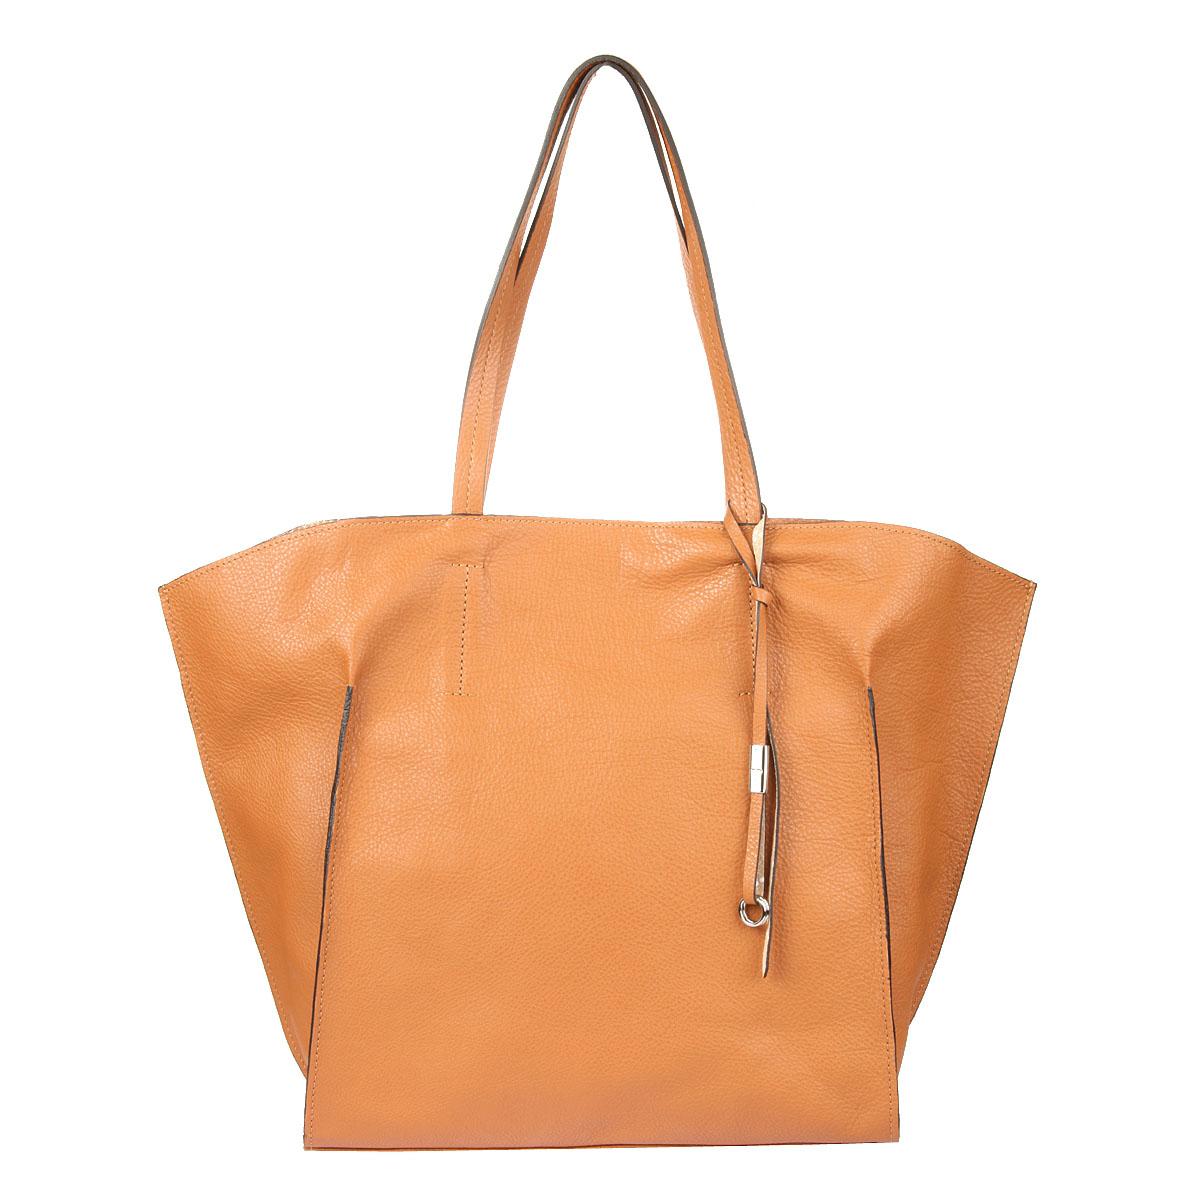 Сумка Gianni Conti жен., цвет: коричневый. 1813558 leather1813558 leatherзакрывается на молнию внутри отдел, в котором съемная косметичка на молнии кольцо для ключей карабин